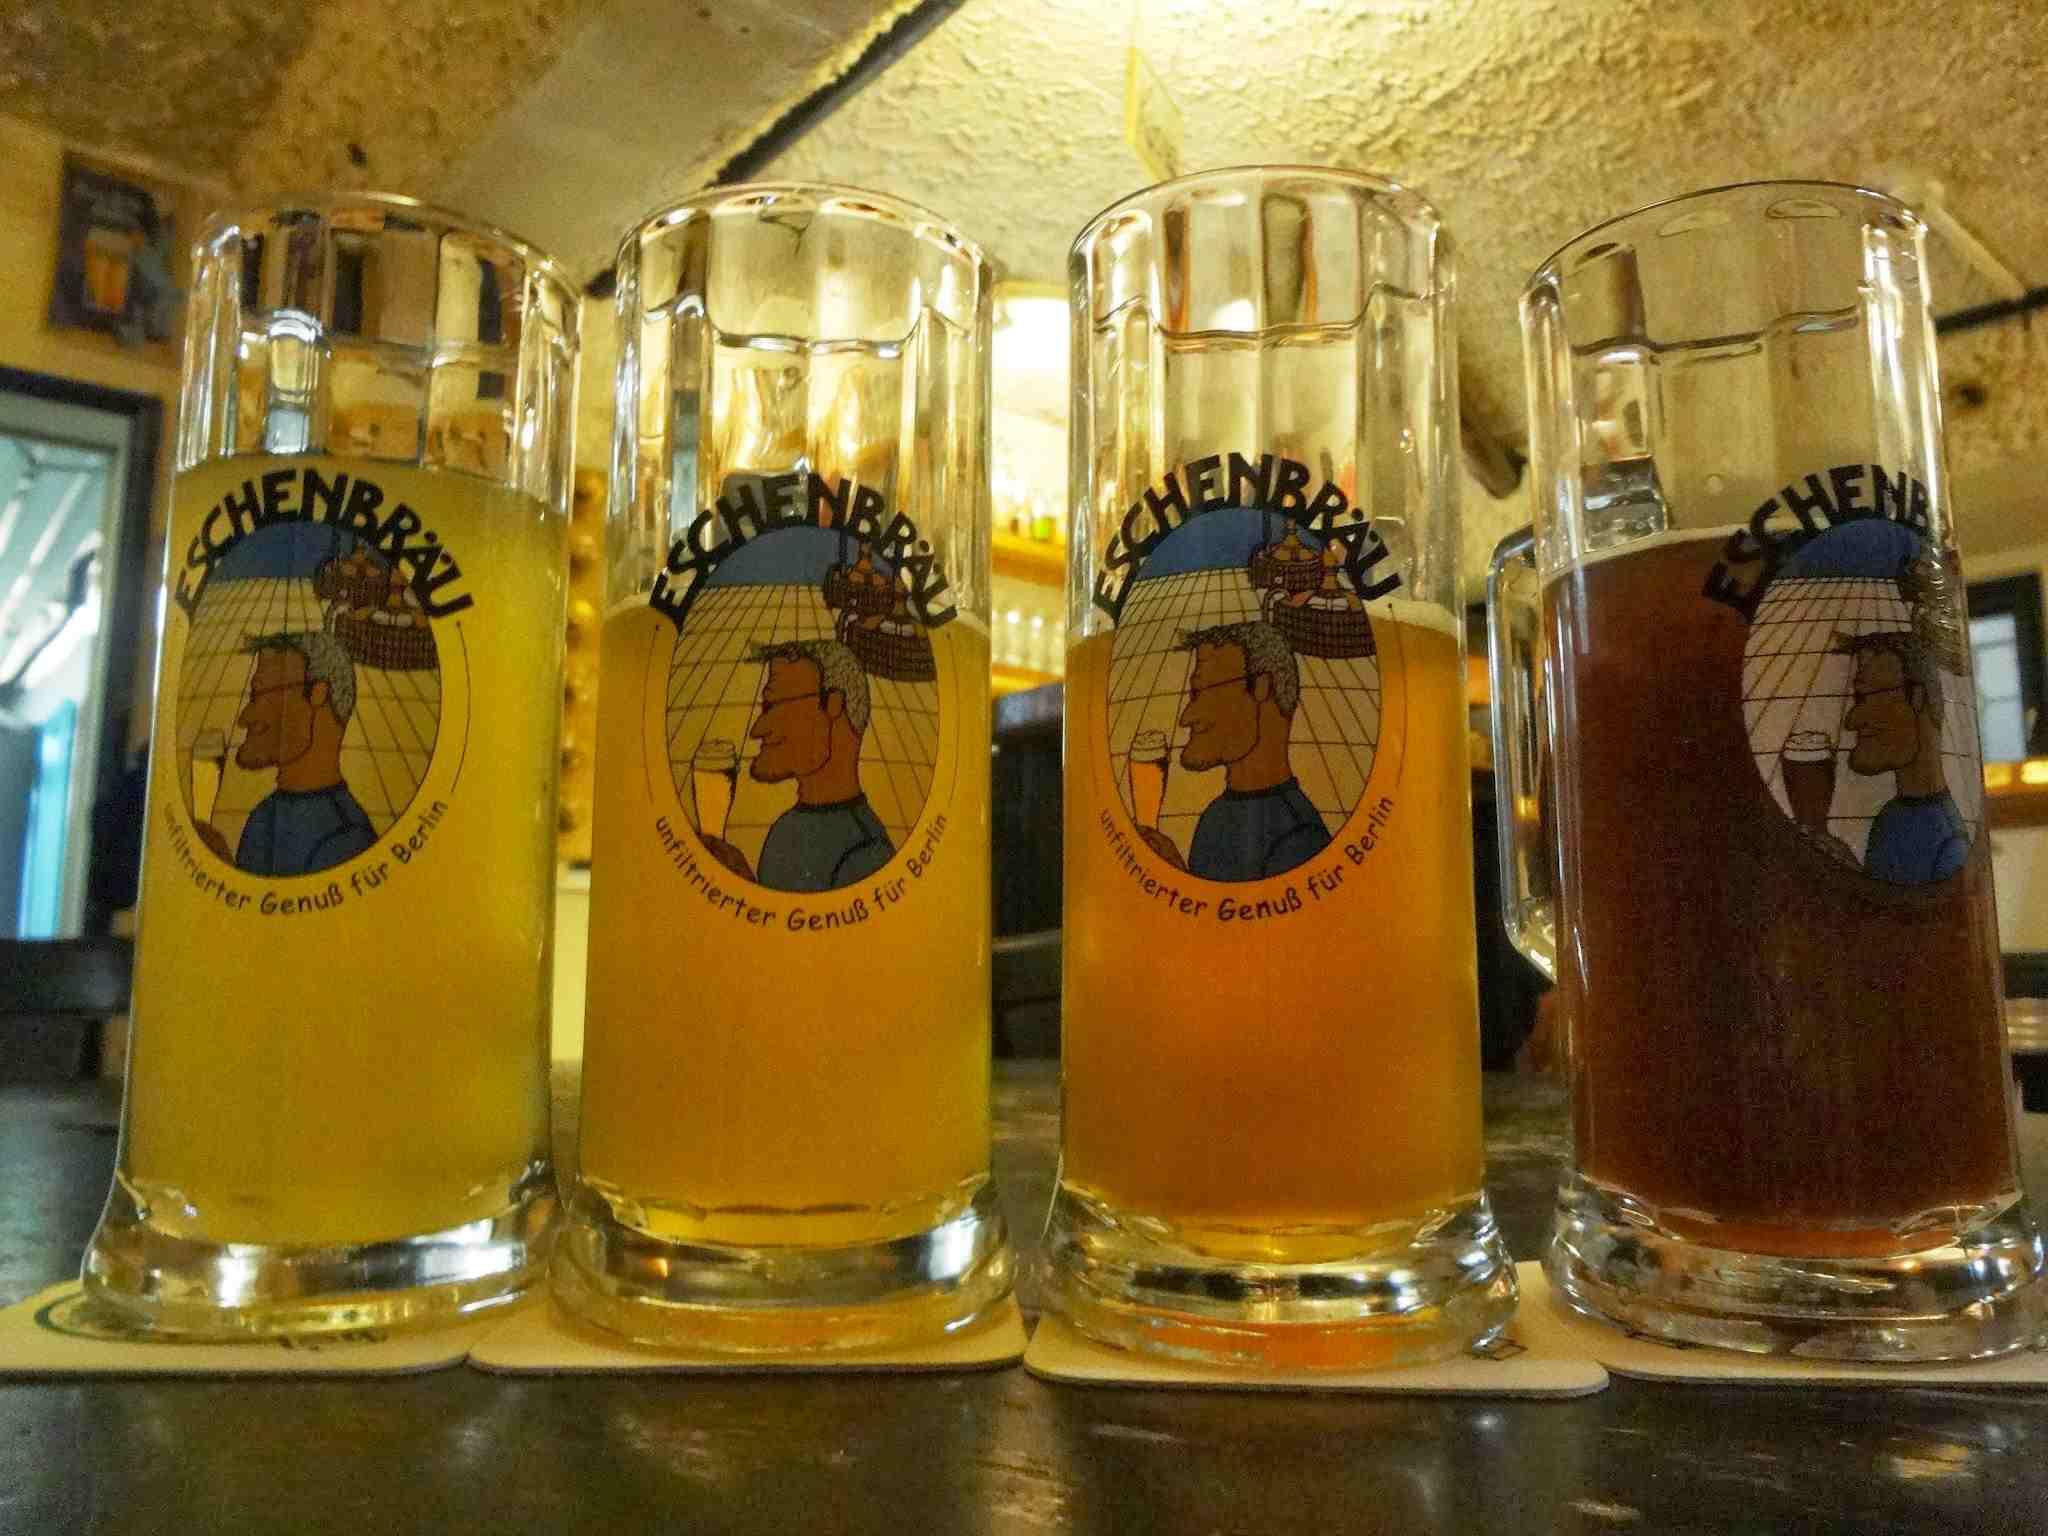 Eschenbraeu Brewery Berlin